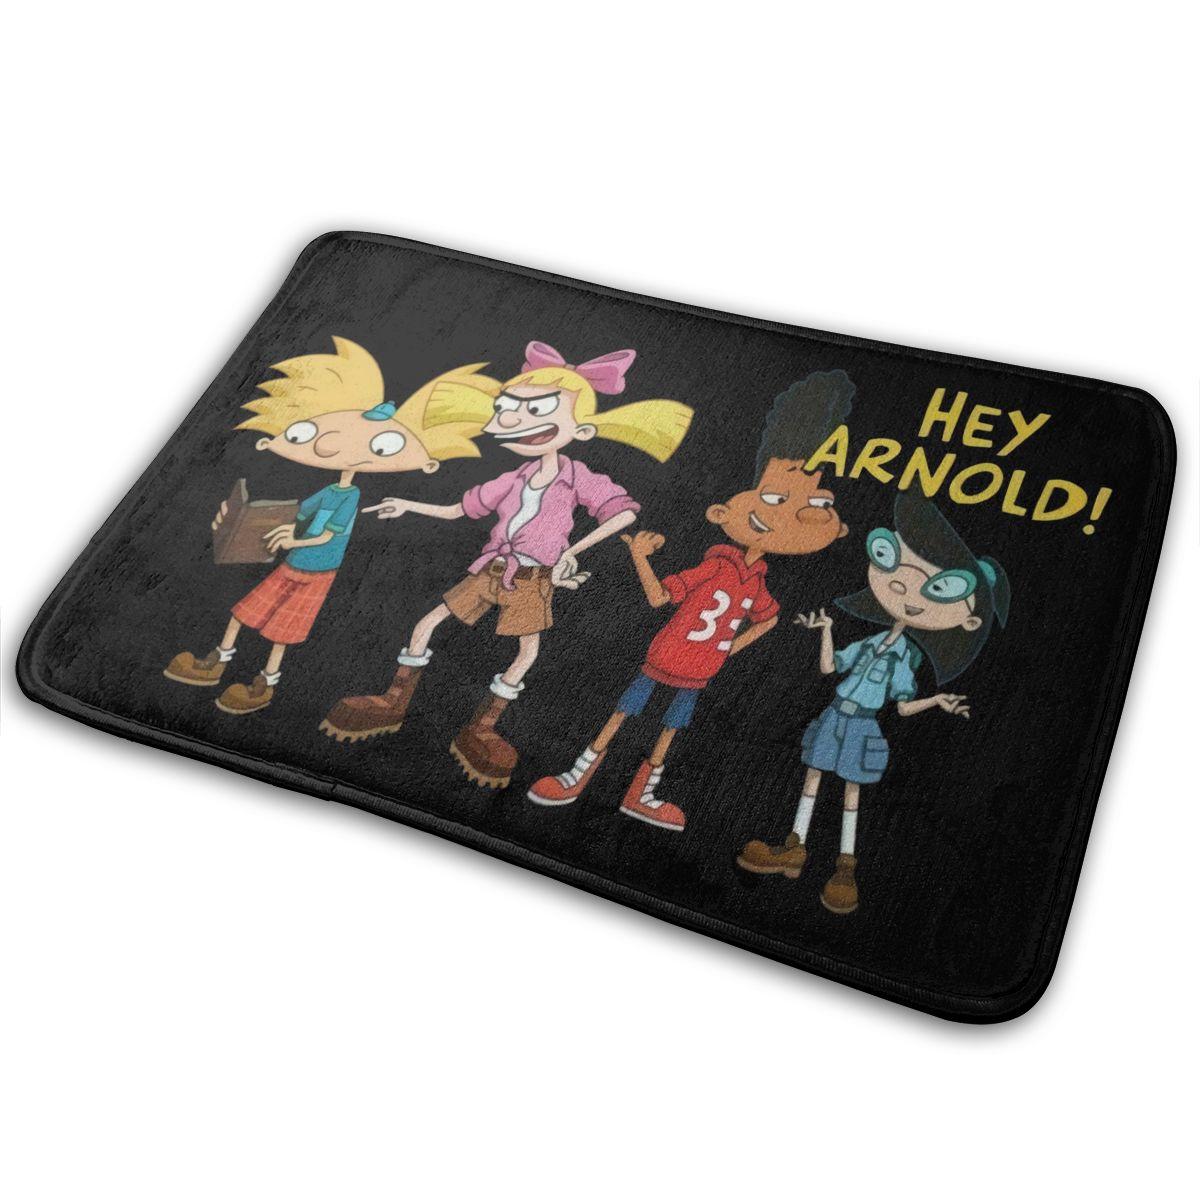 Эй, Арнольд, Арнольд, унисекс, удобный дизайн, креативный дизайн высокого качества, индивидуальный цветной ковер